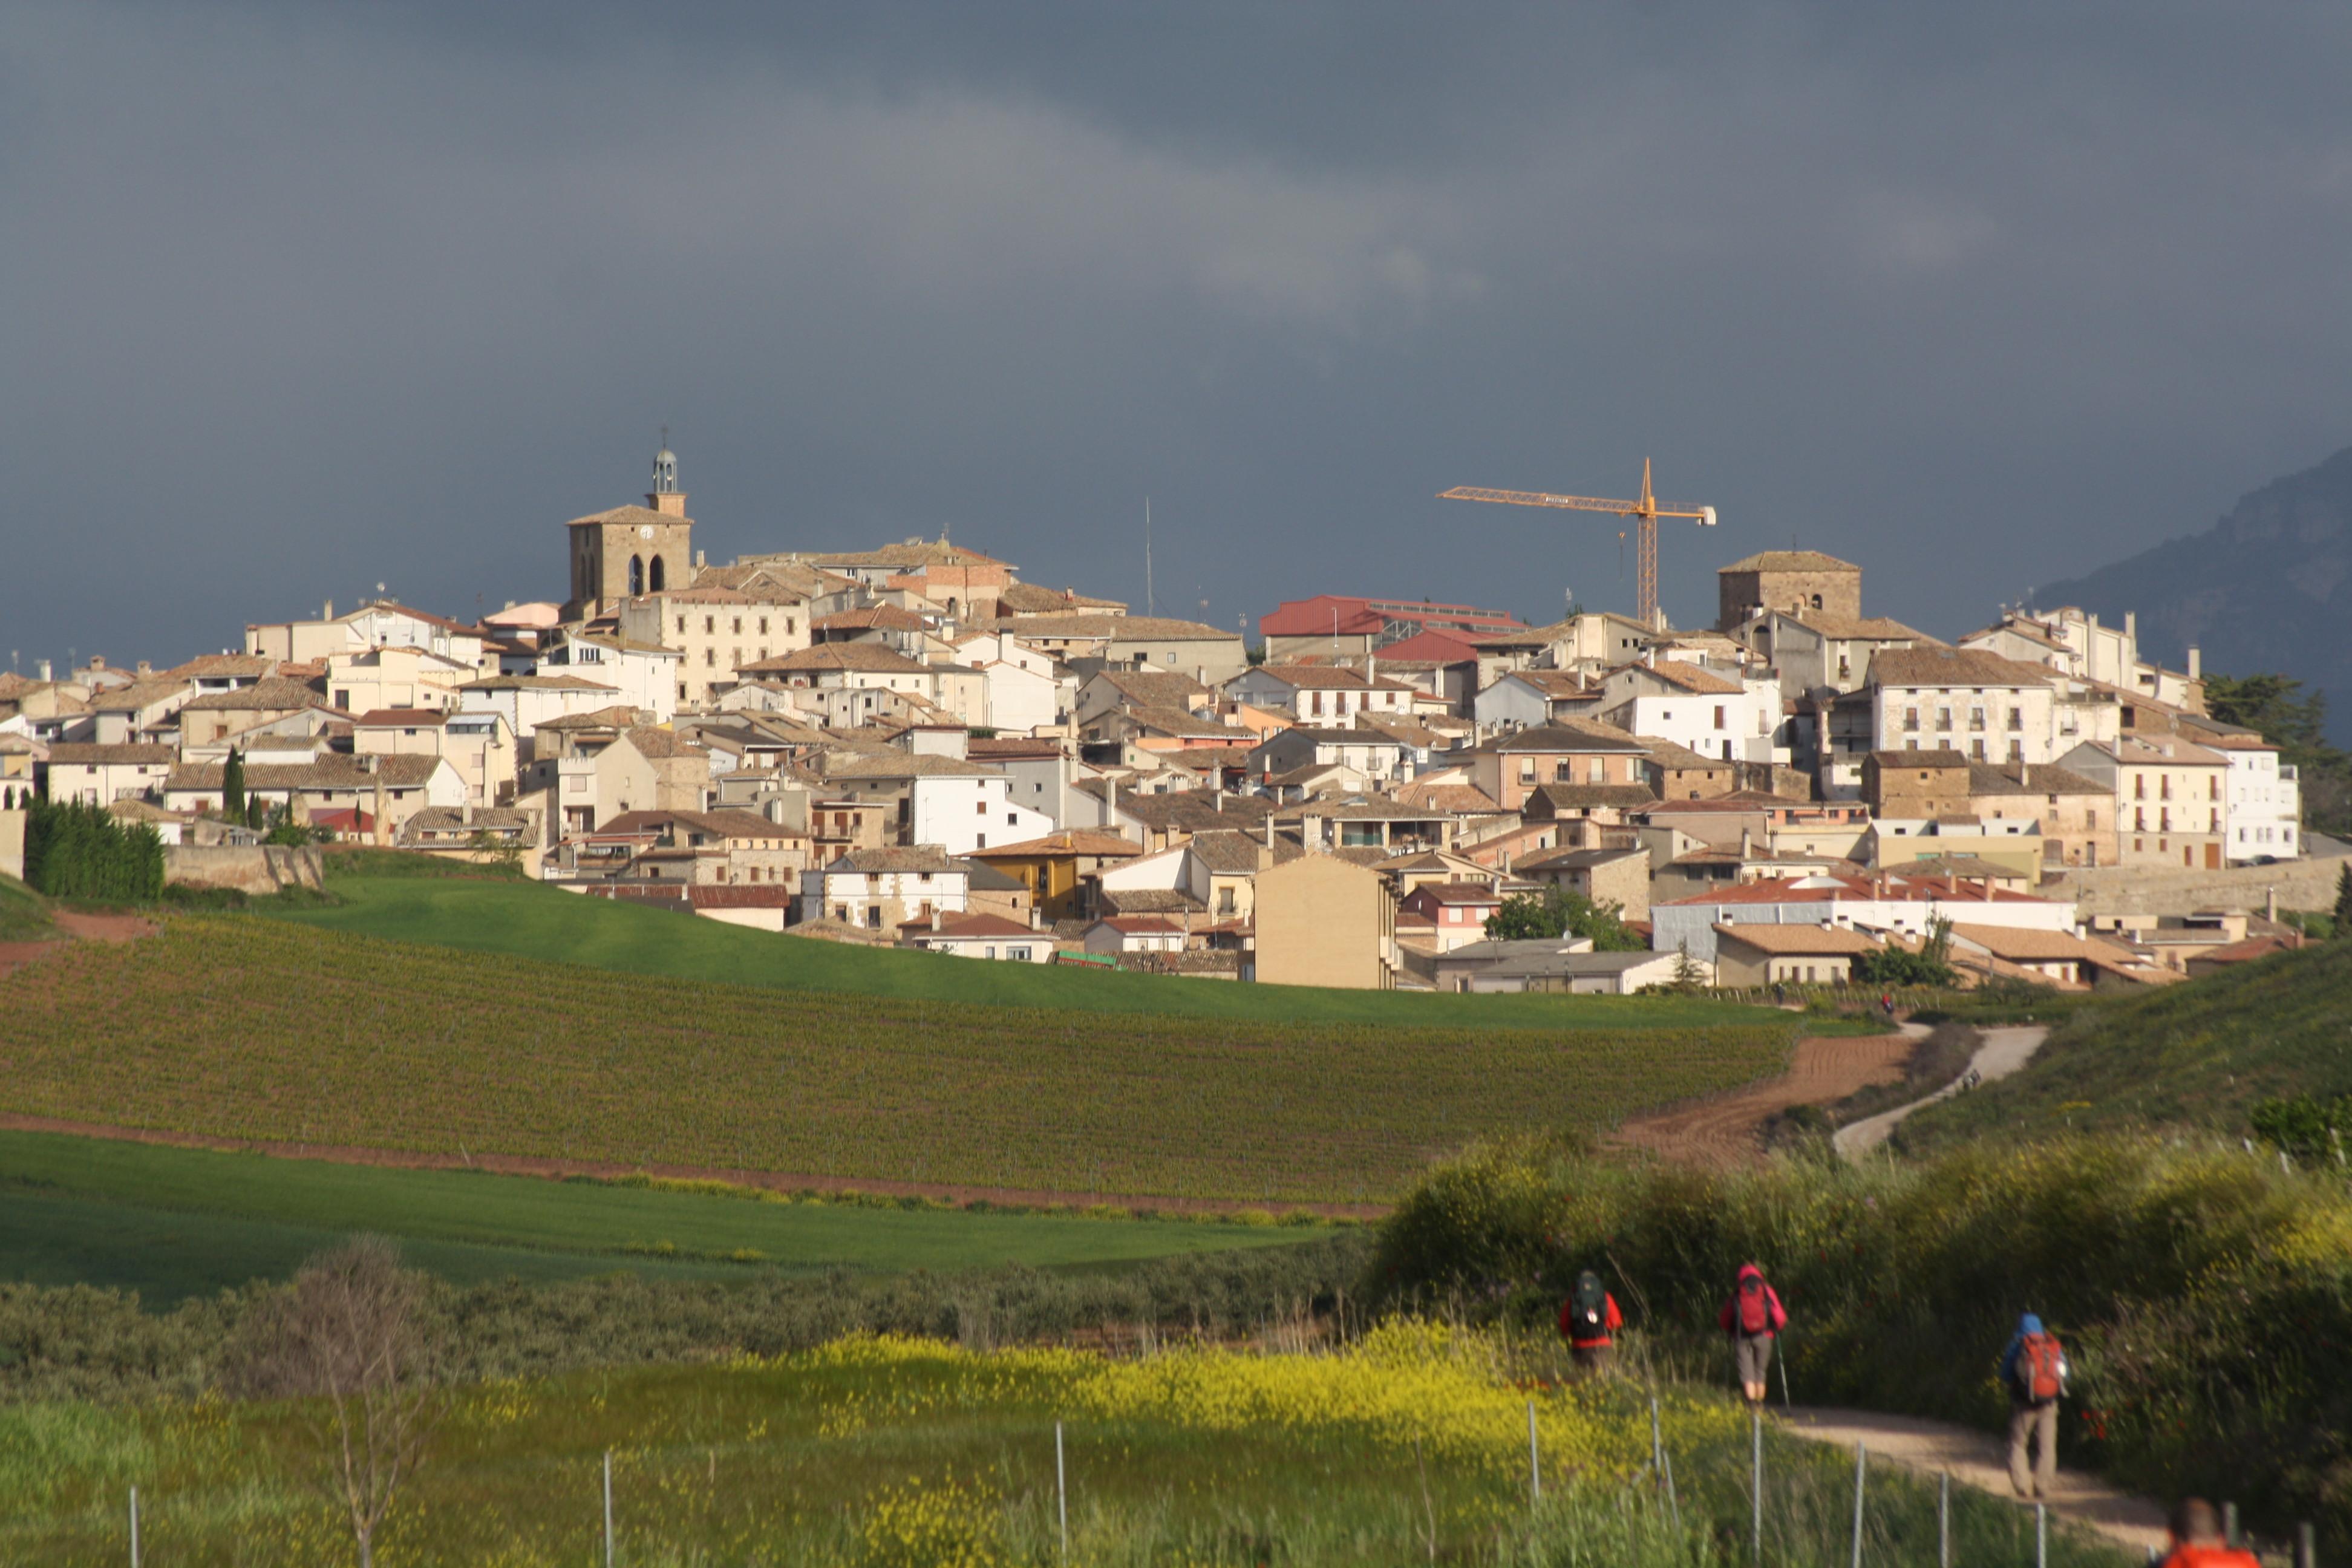 File:Vista de Cirauqui.jpg - Wikimedia Commons